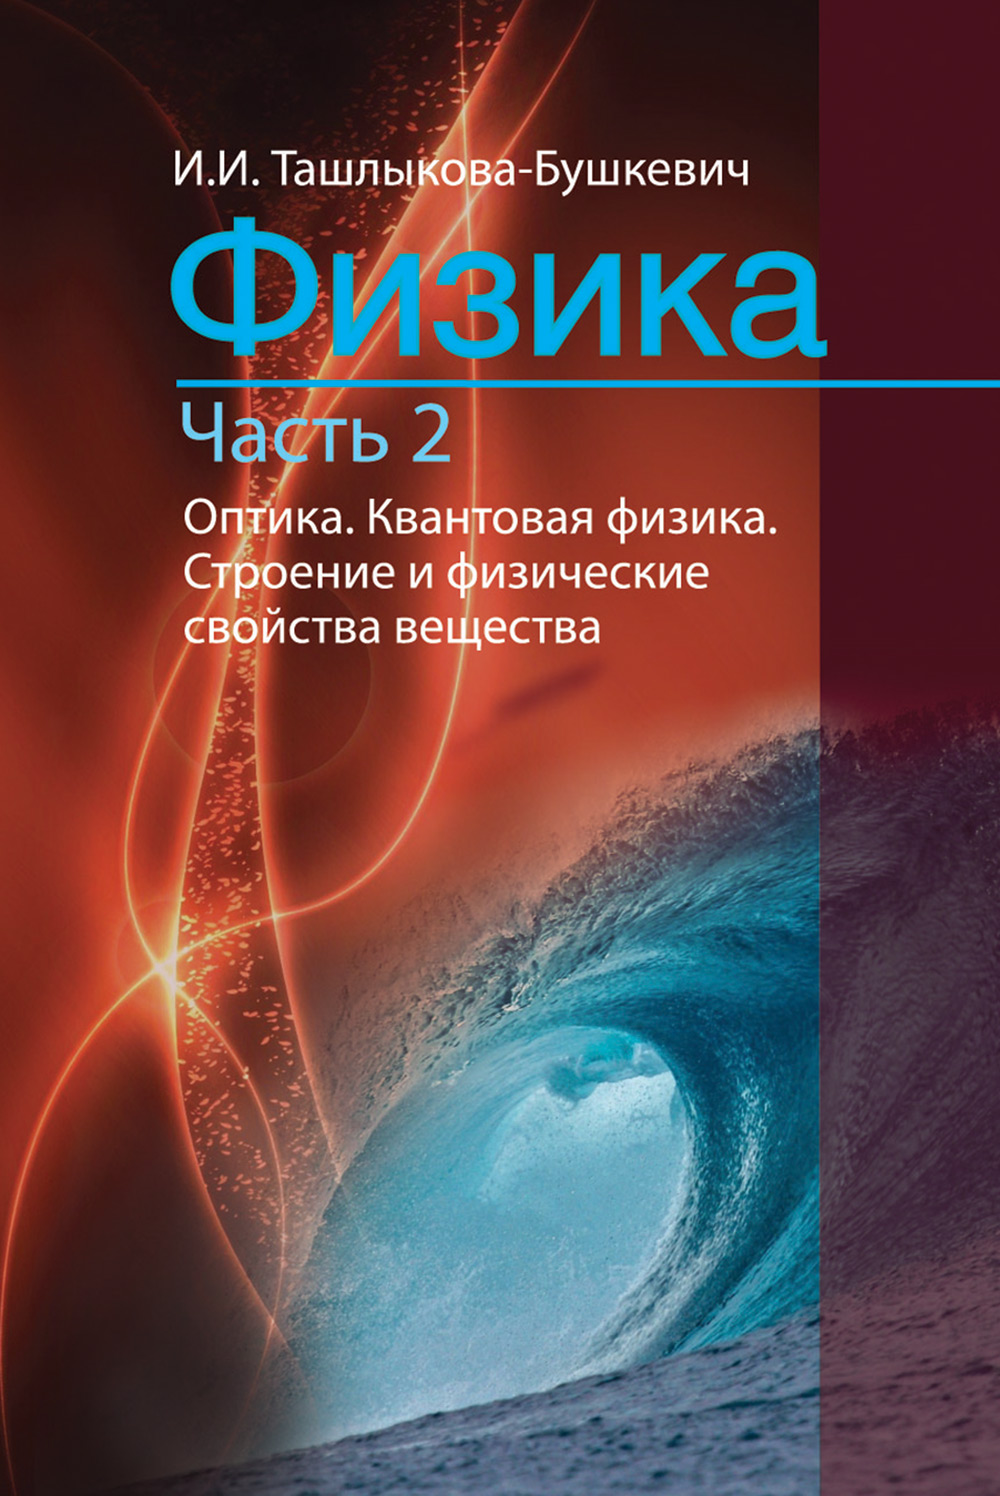 Ия Ташлыкова-Бушкевич Физика. Часть 2. Оптика. Квантовая физика. Строение и физические свойства вещества дорфман я г магнитные свойства и строение вещества